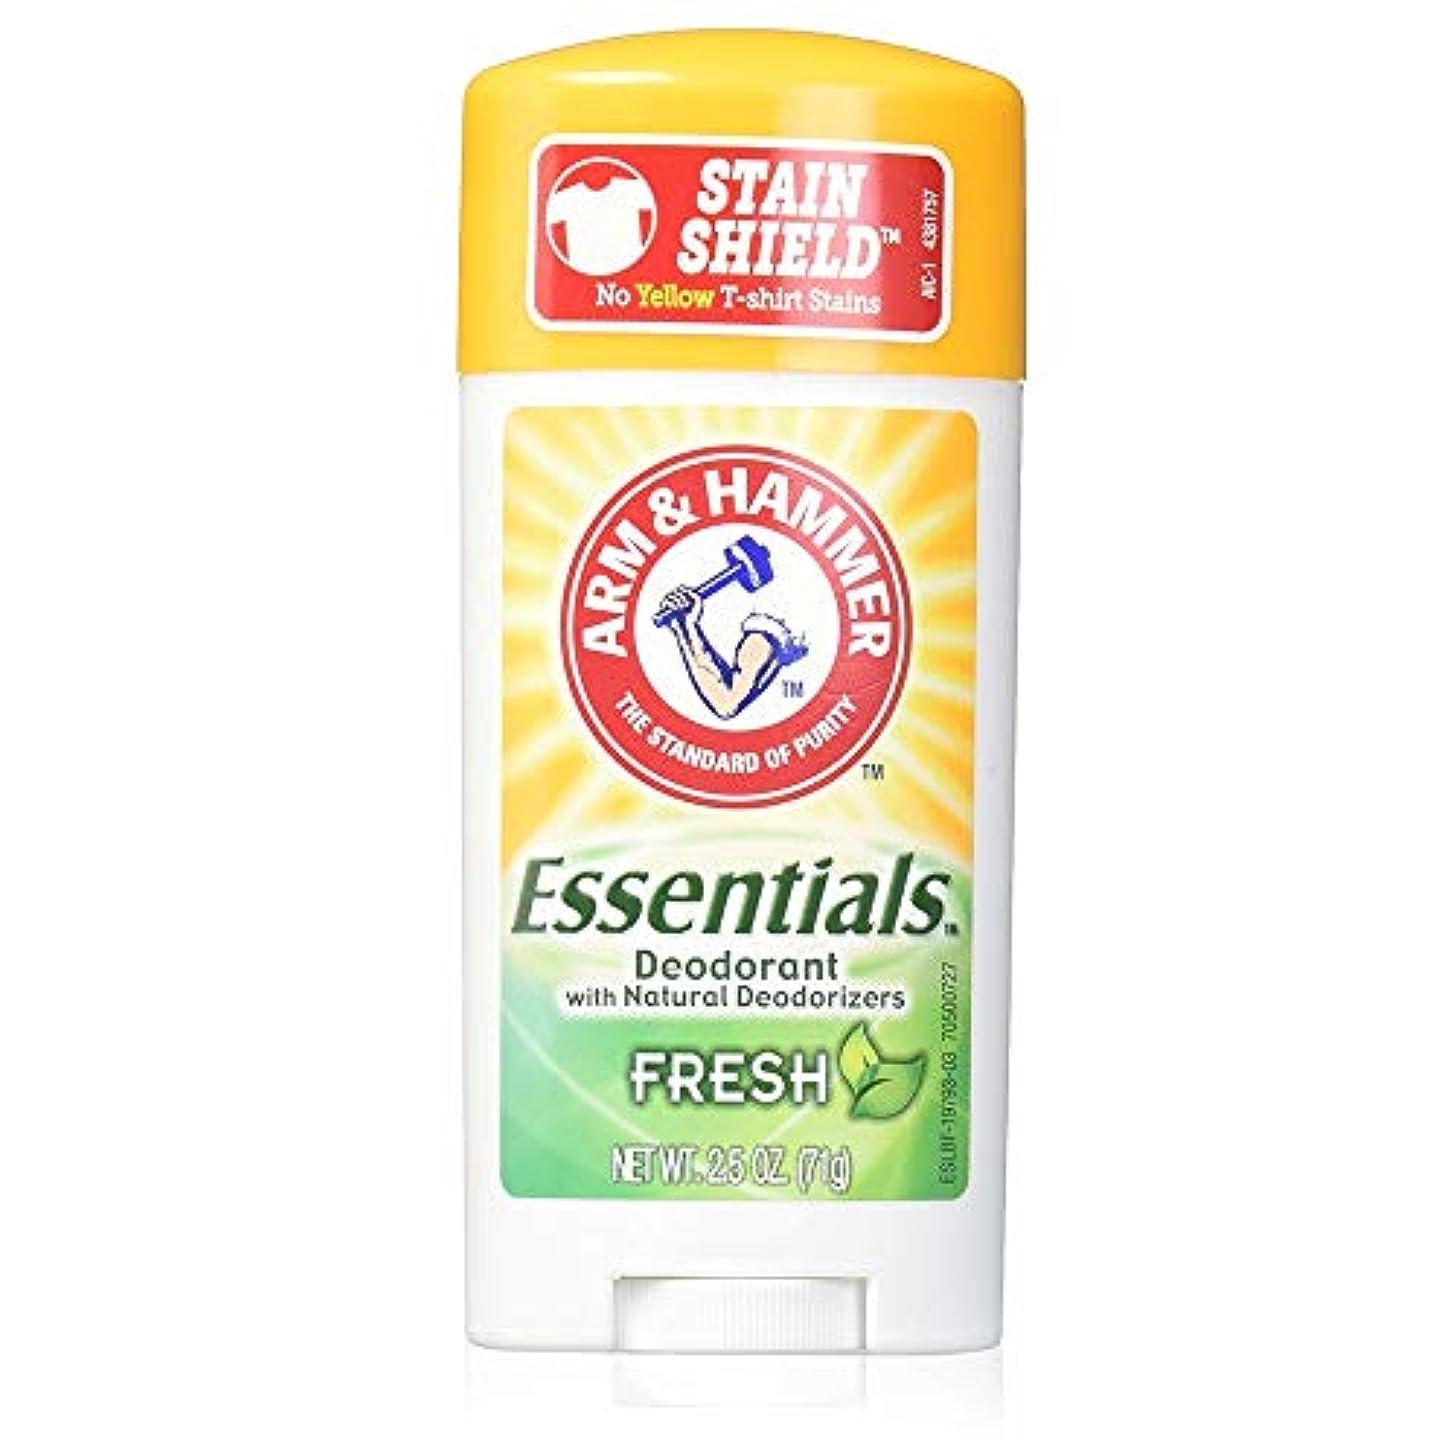 退屈山代わってアーム&ハマー デオドラント【フレッシュ】制汗剤【お風呂上がりの香り】Arm & Hammer Essentials Natural Deodorant Fresh 71?[並行輸入品]